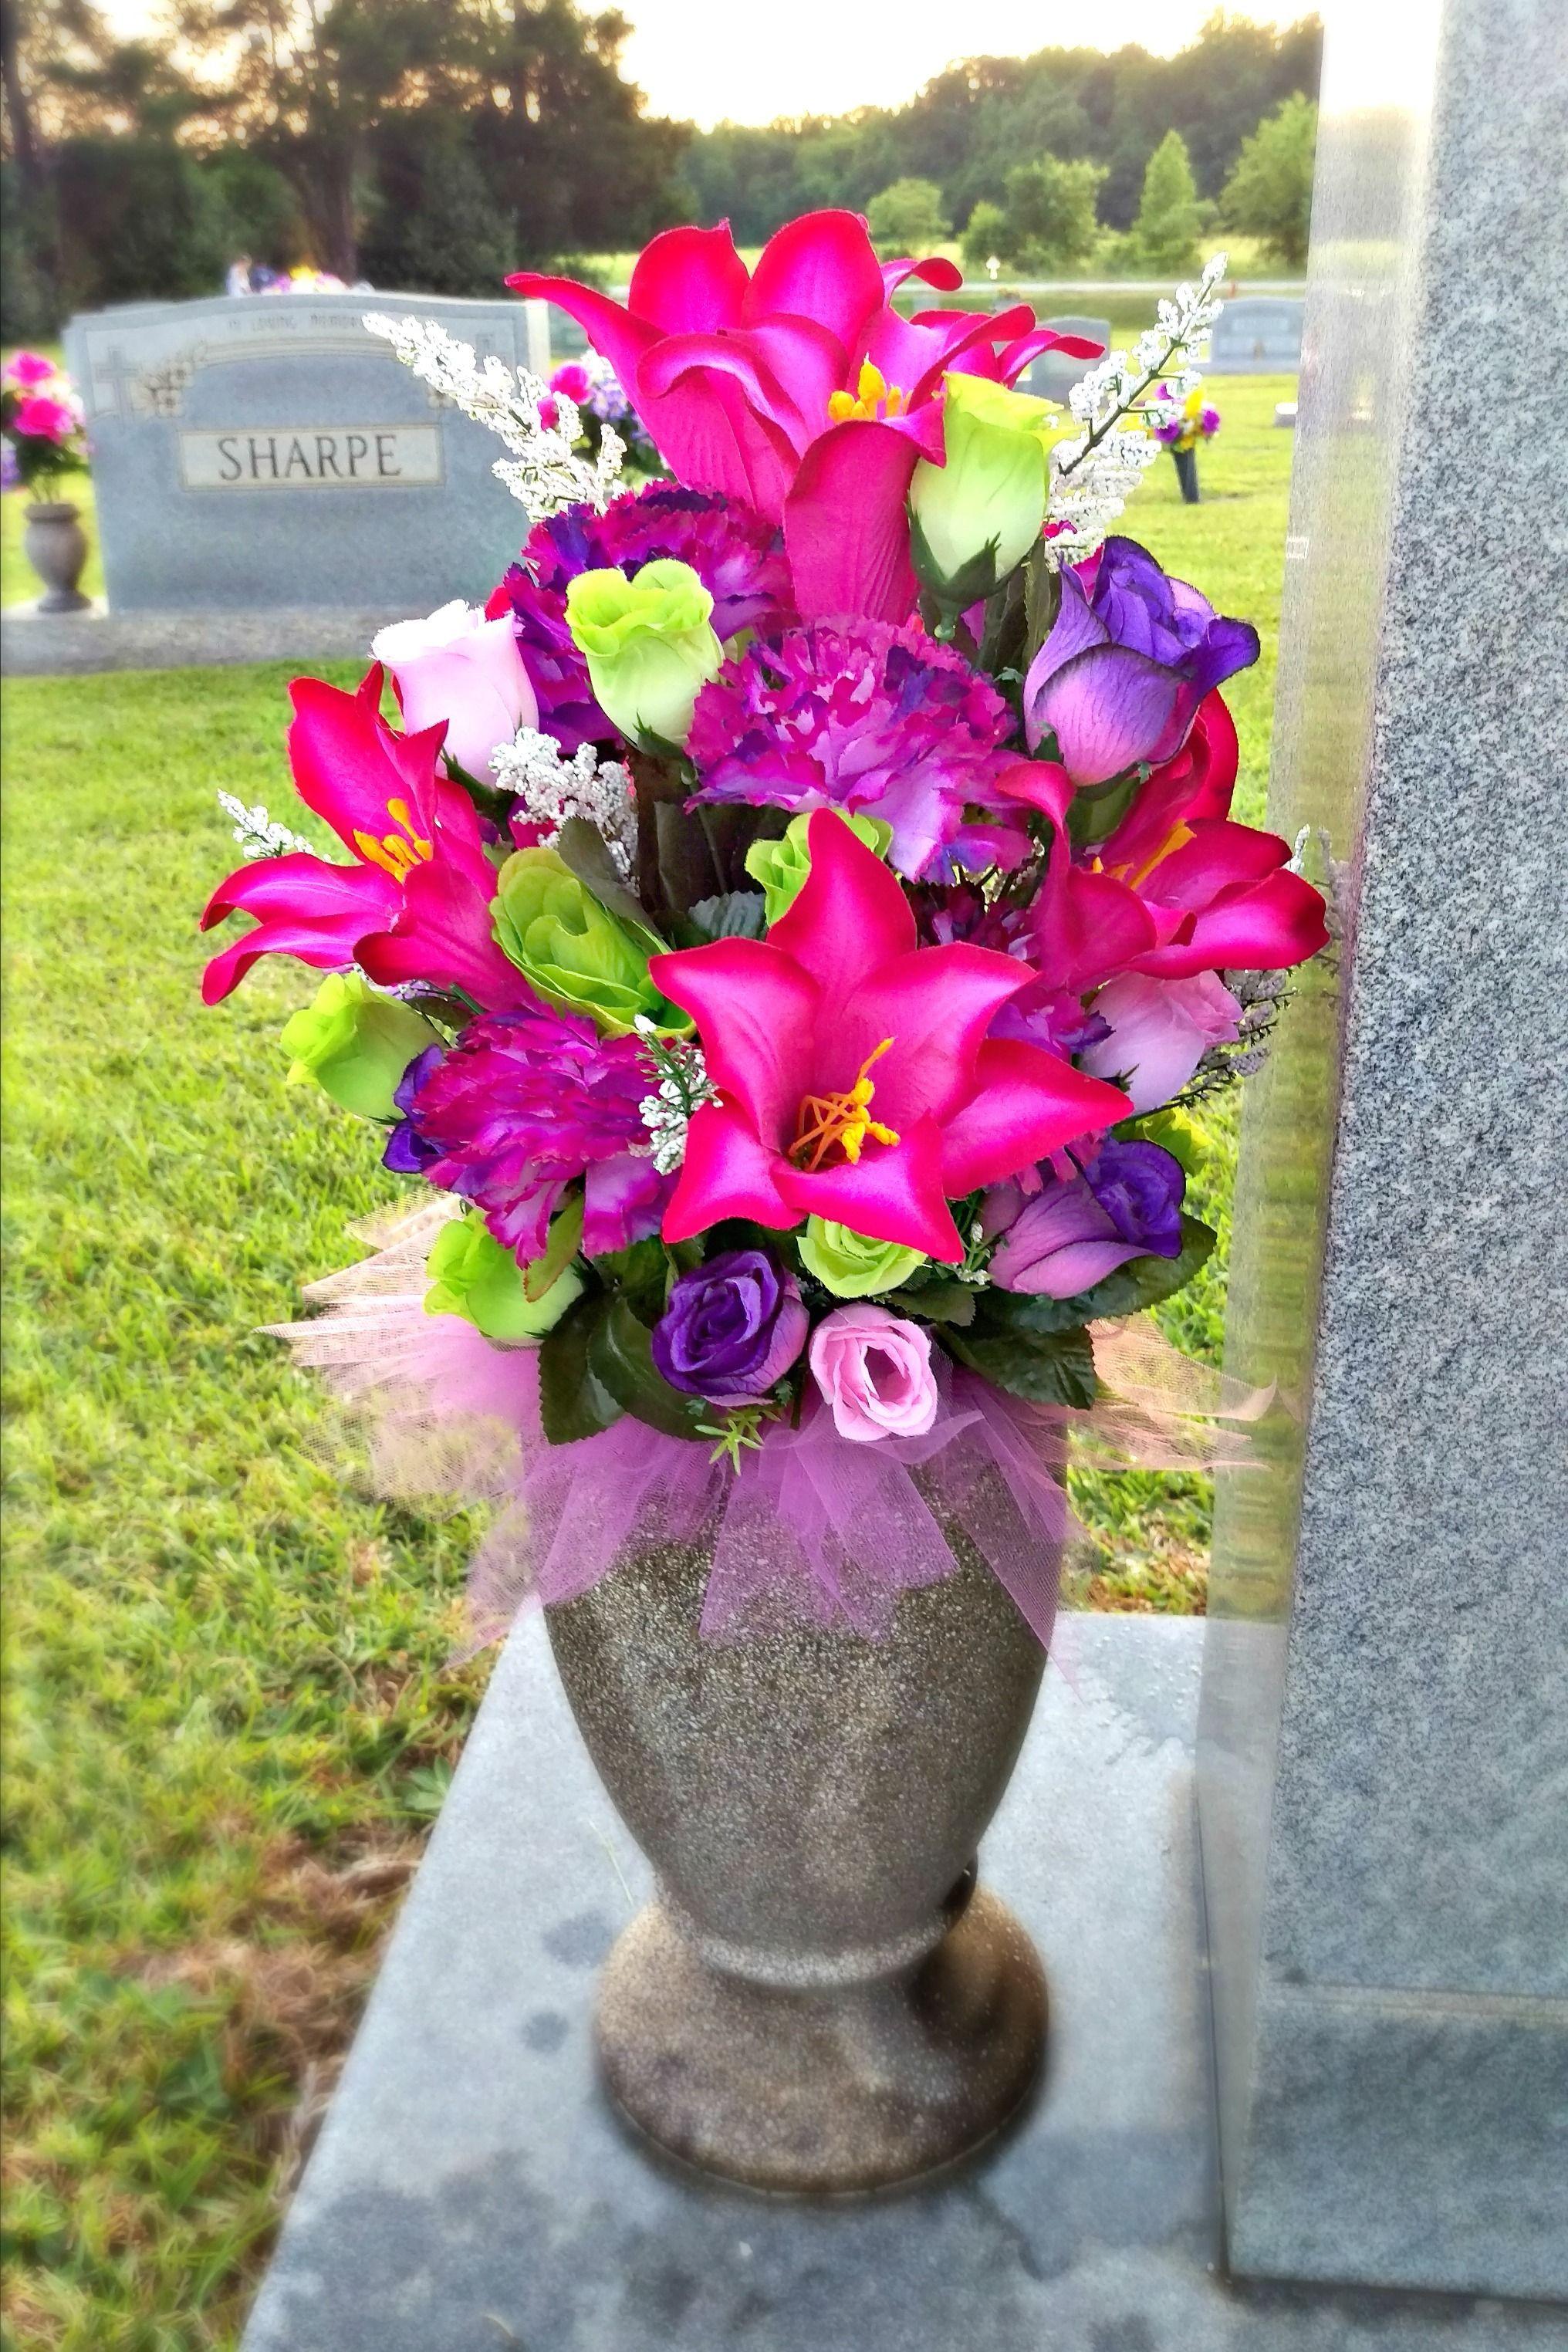 25 Unique Pink Vase Filler 2021 free download pink vase filler of stay in the vase cemetery flowers intended for spring summer cemetery vase arrangement